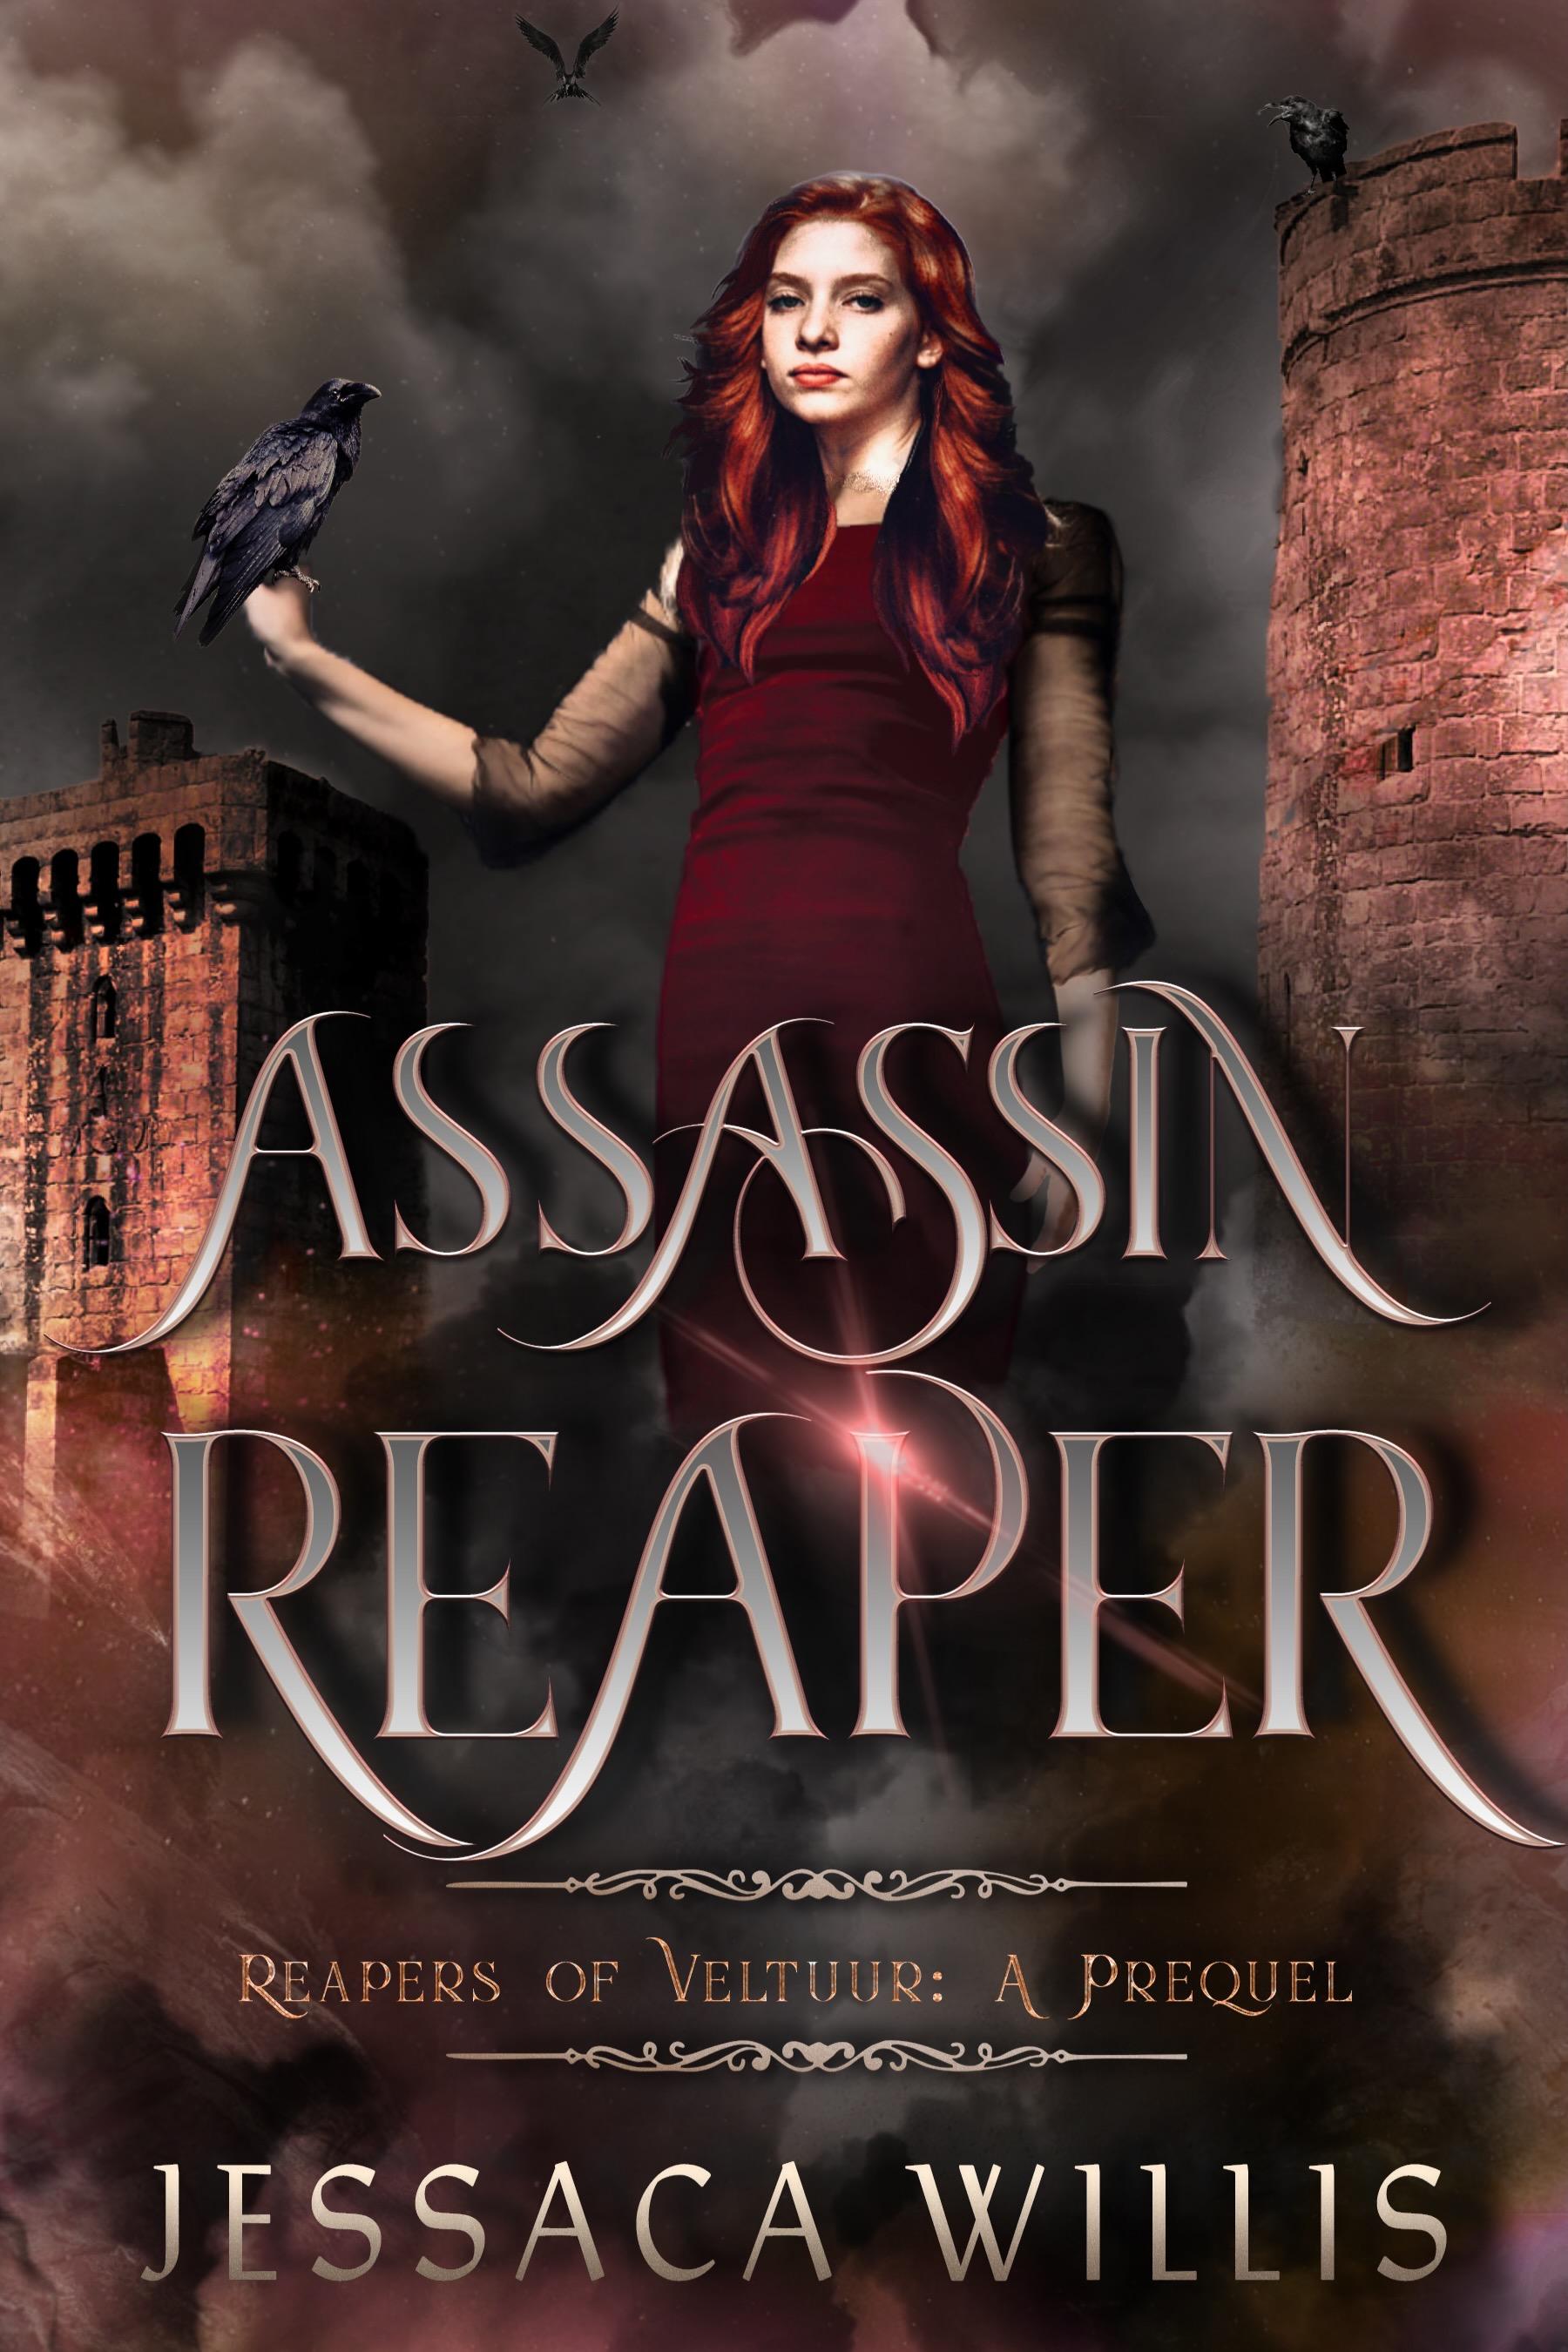 Assassin Reaper